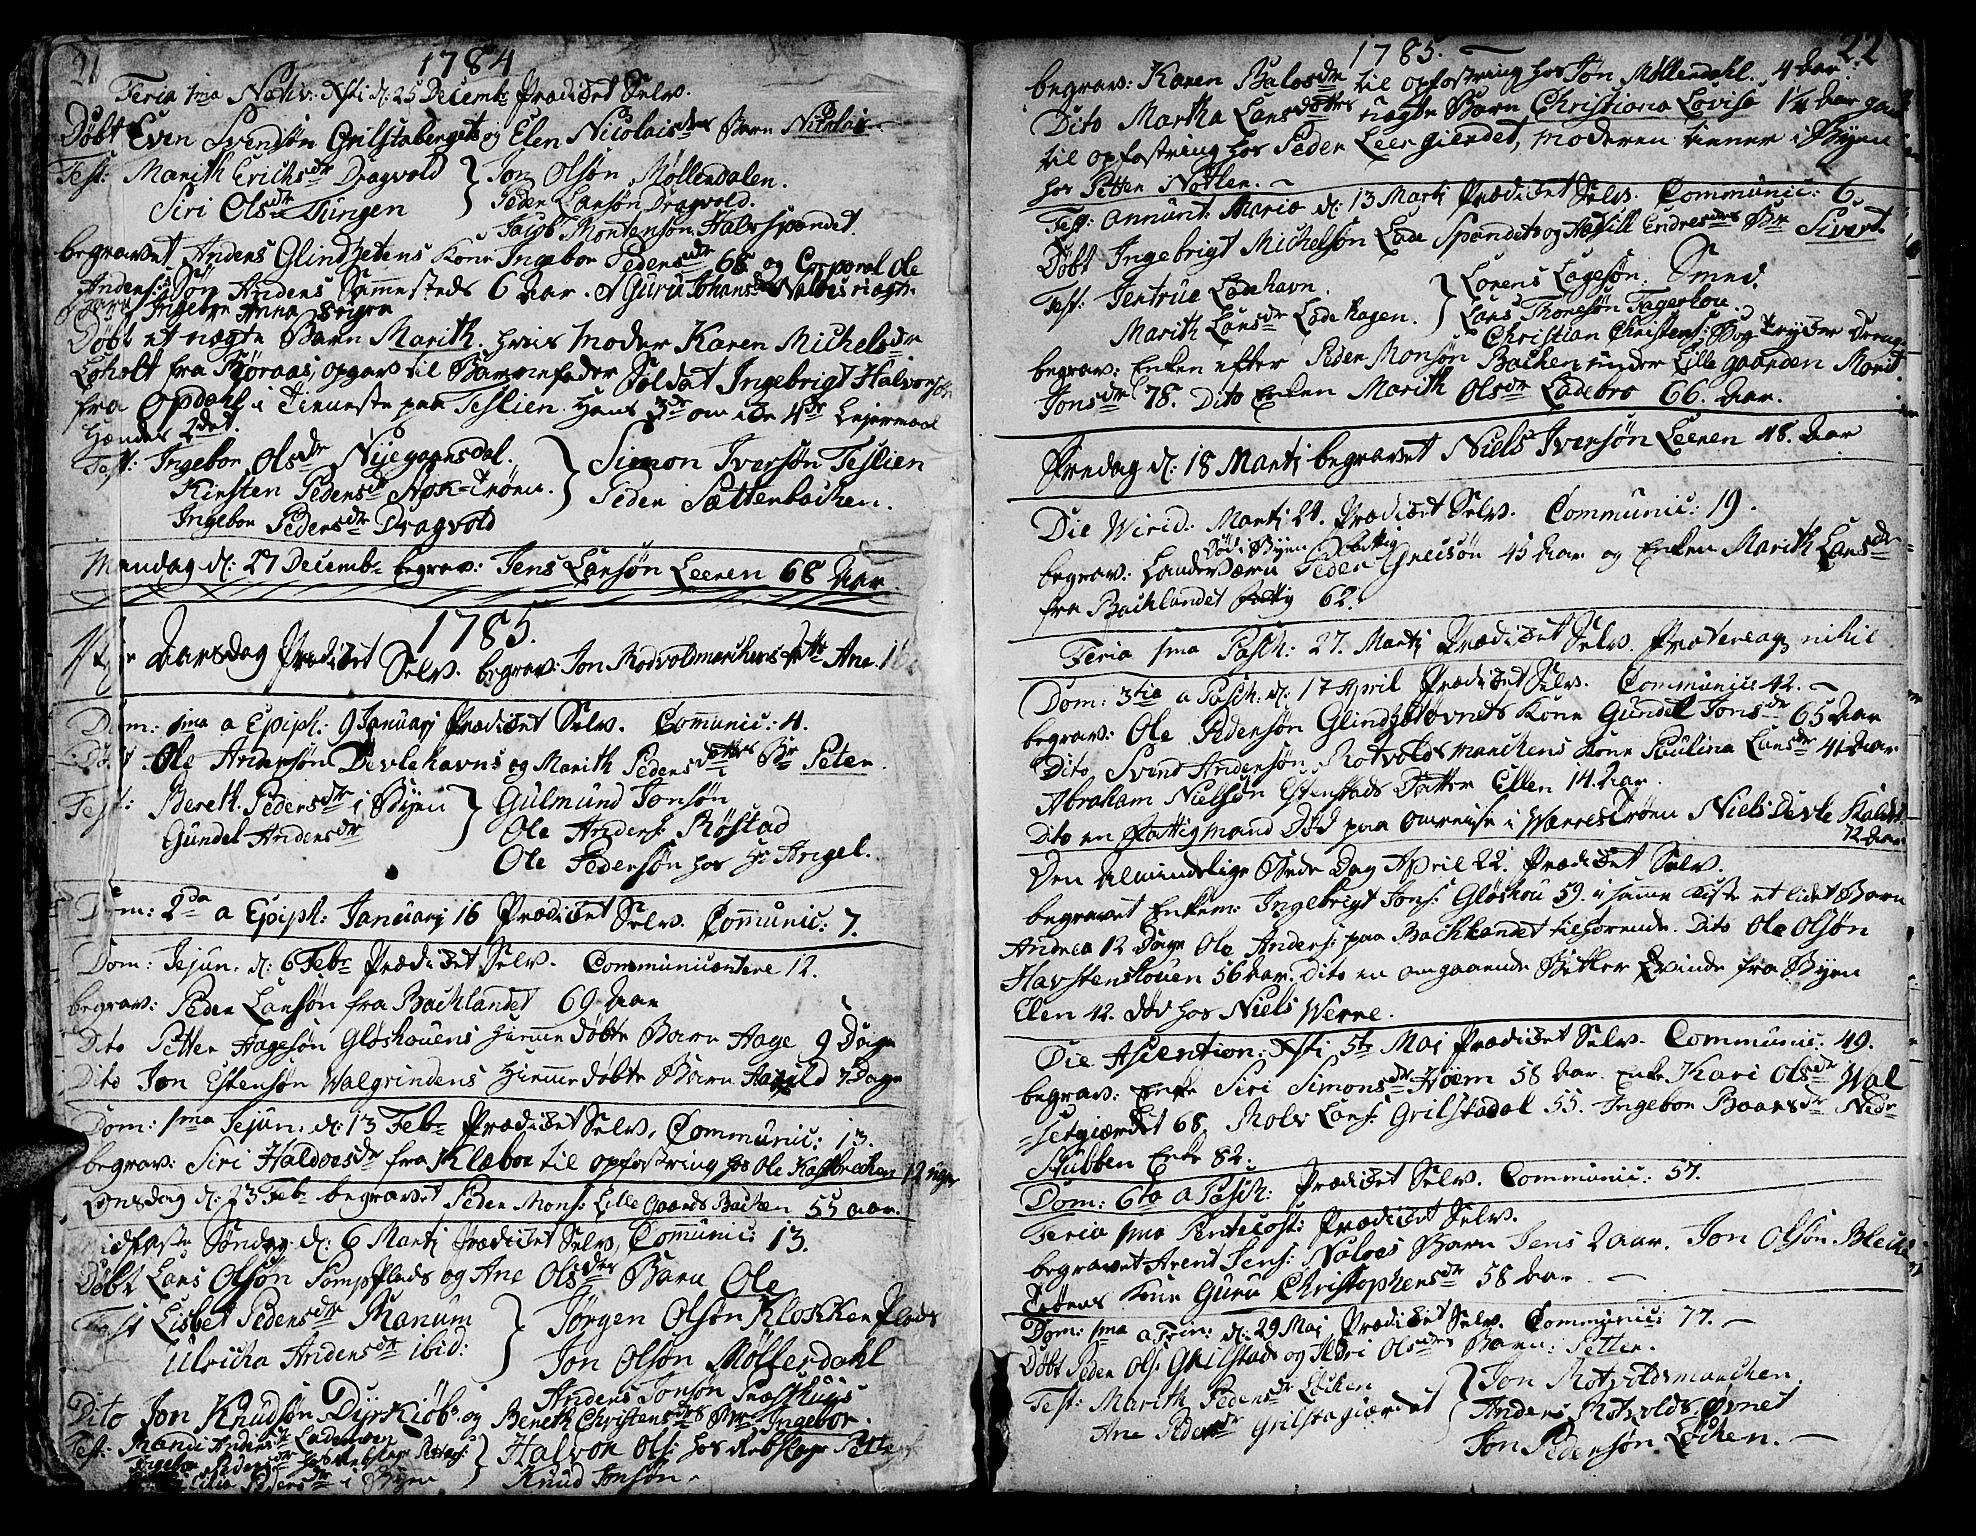 SAT, Ministerialprotokoller, klokkerbøker og fødselsregistre - Sør-Trøndelag, 606/L0280: Ministerialbok nr. 606A02 /1, 1781-1817, s. 21-22